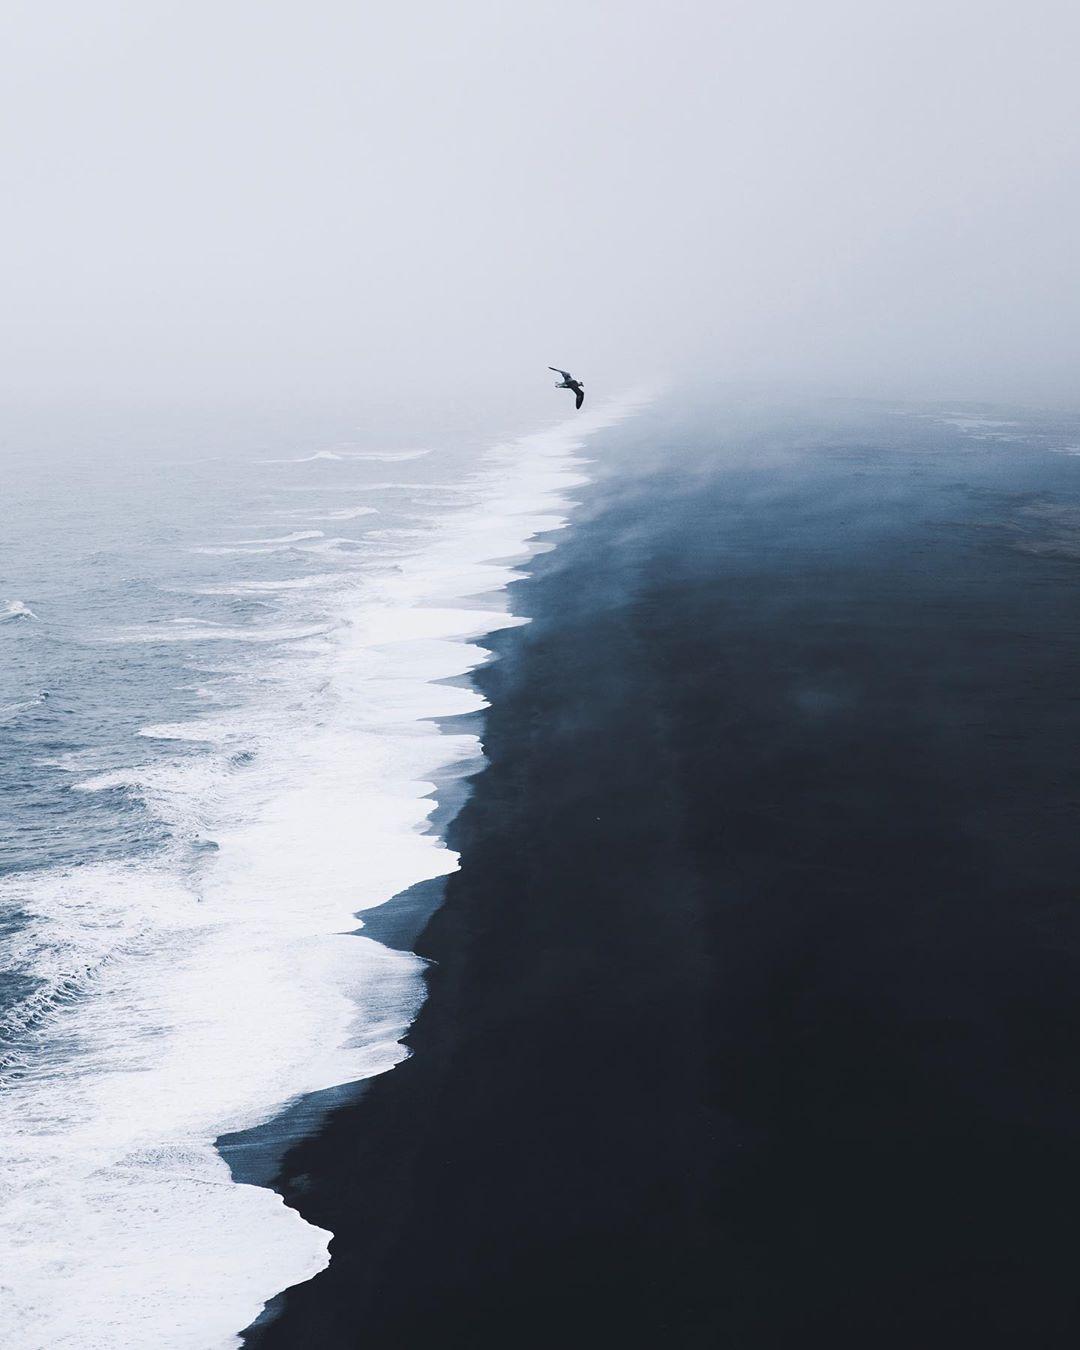 Природа и путешествия на снимках Даниэля Овербека